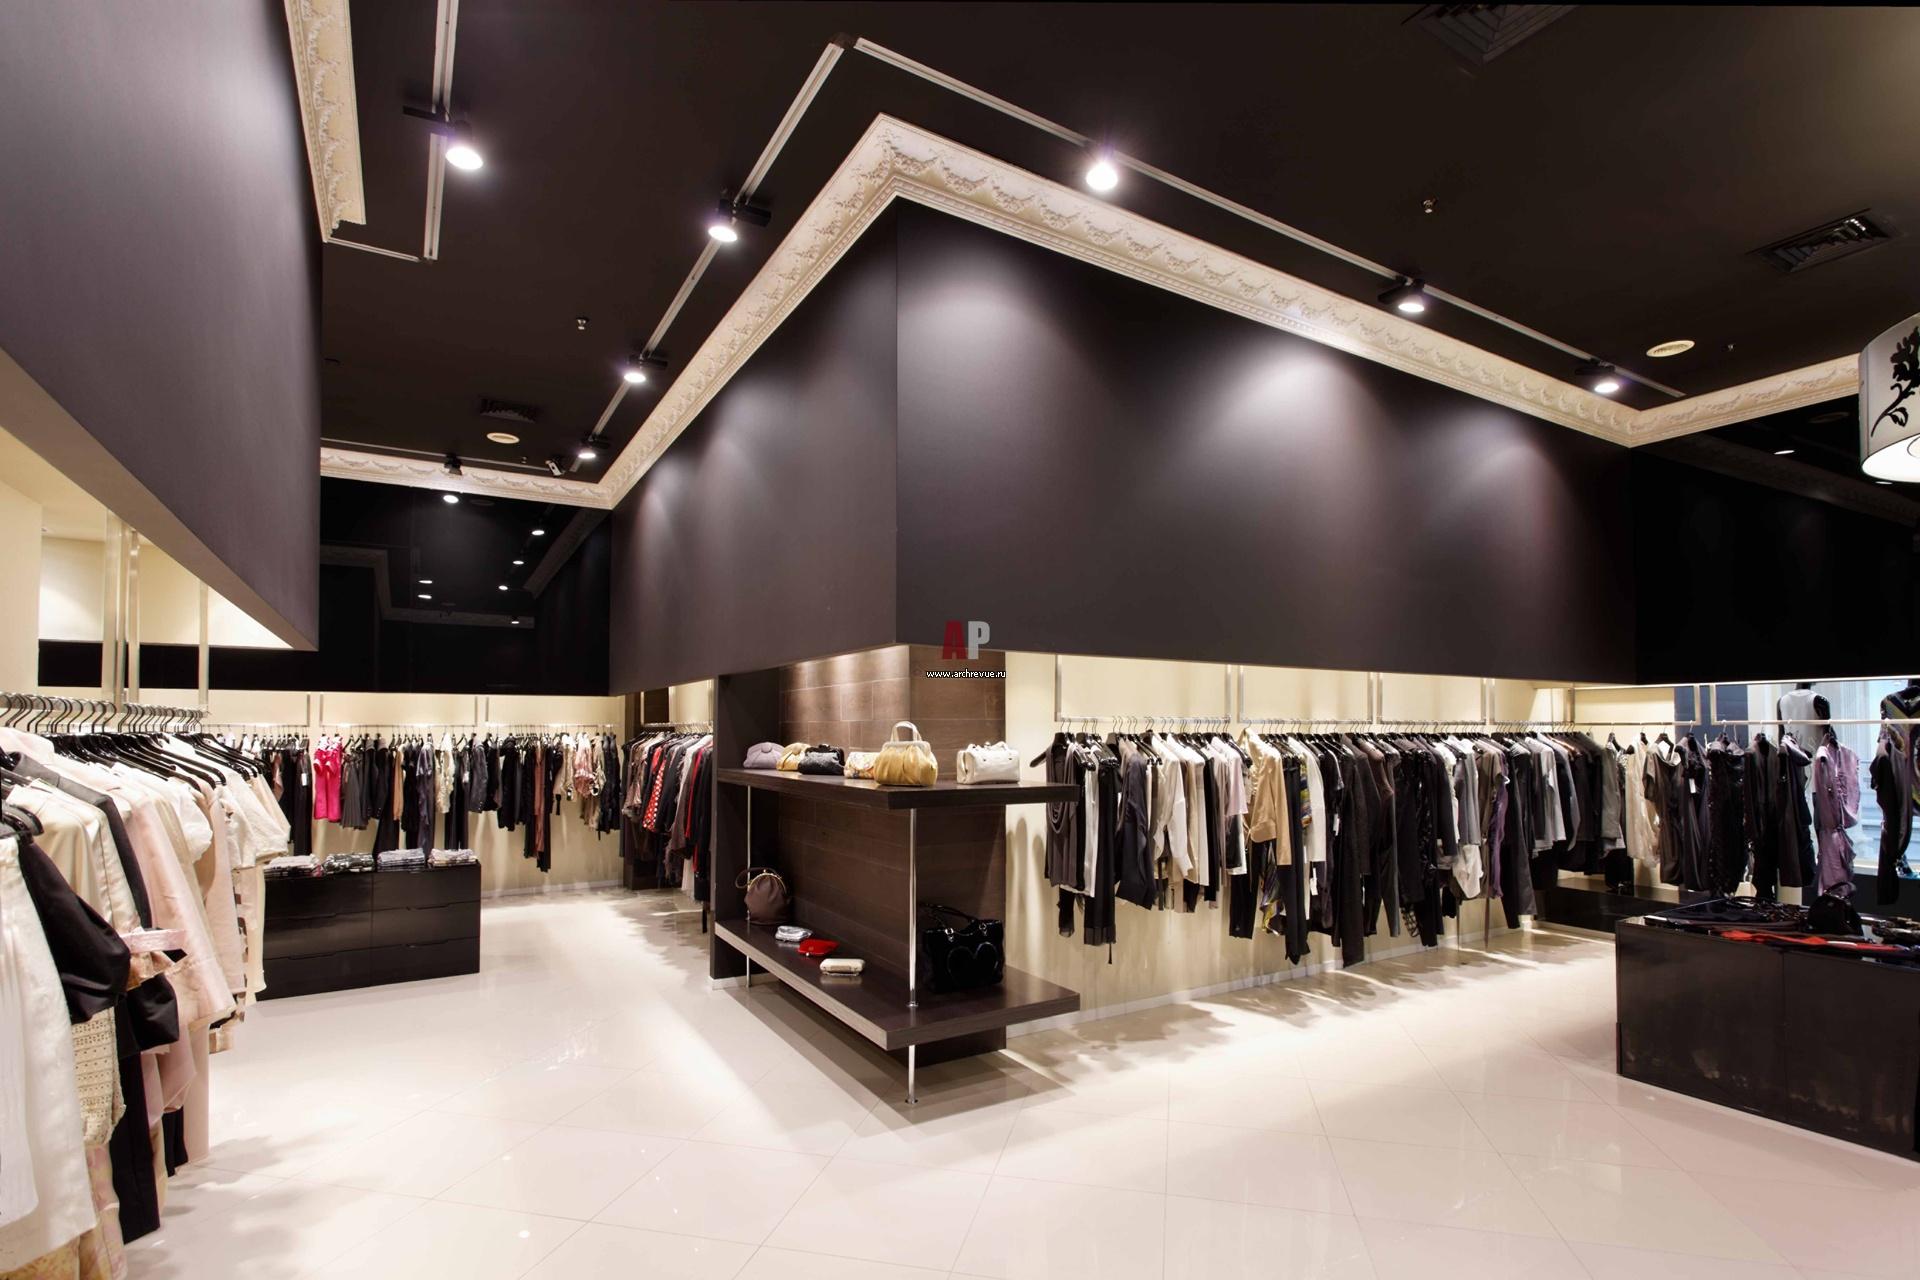 Спб галерея магазины платьев